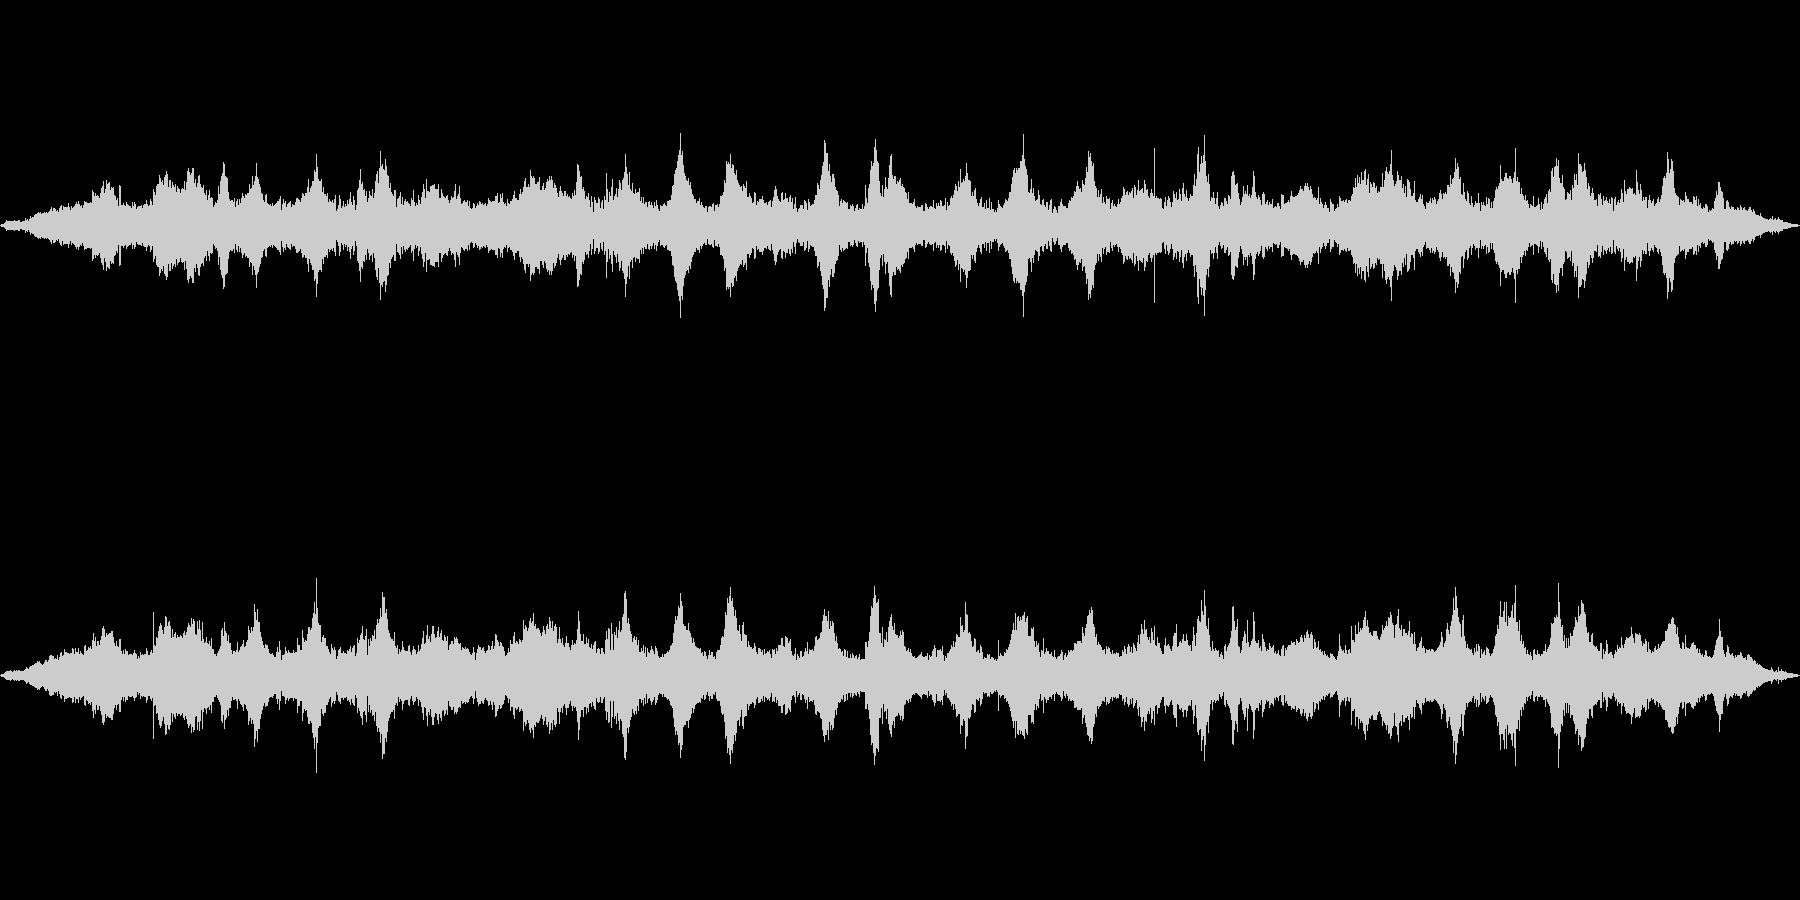 海 波 浜辺 海岸 カモメの環境音 22の未再生の波形